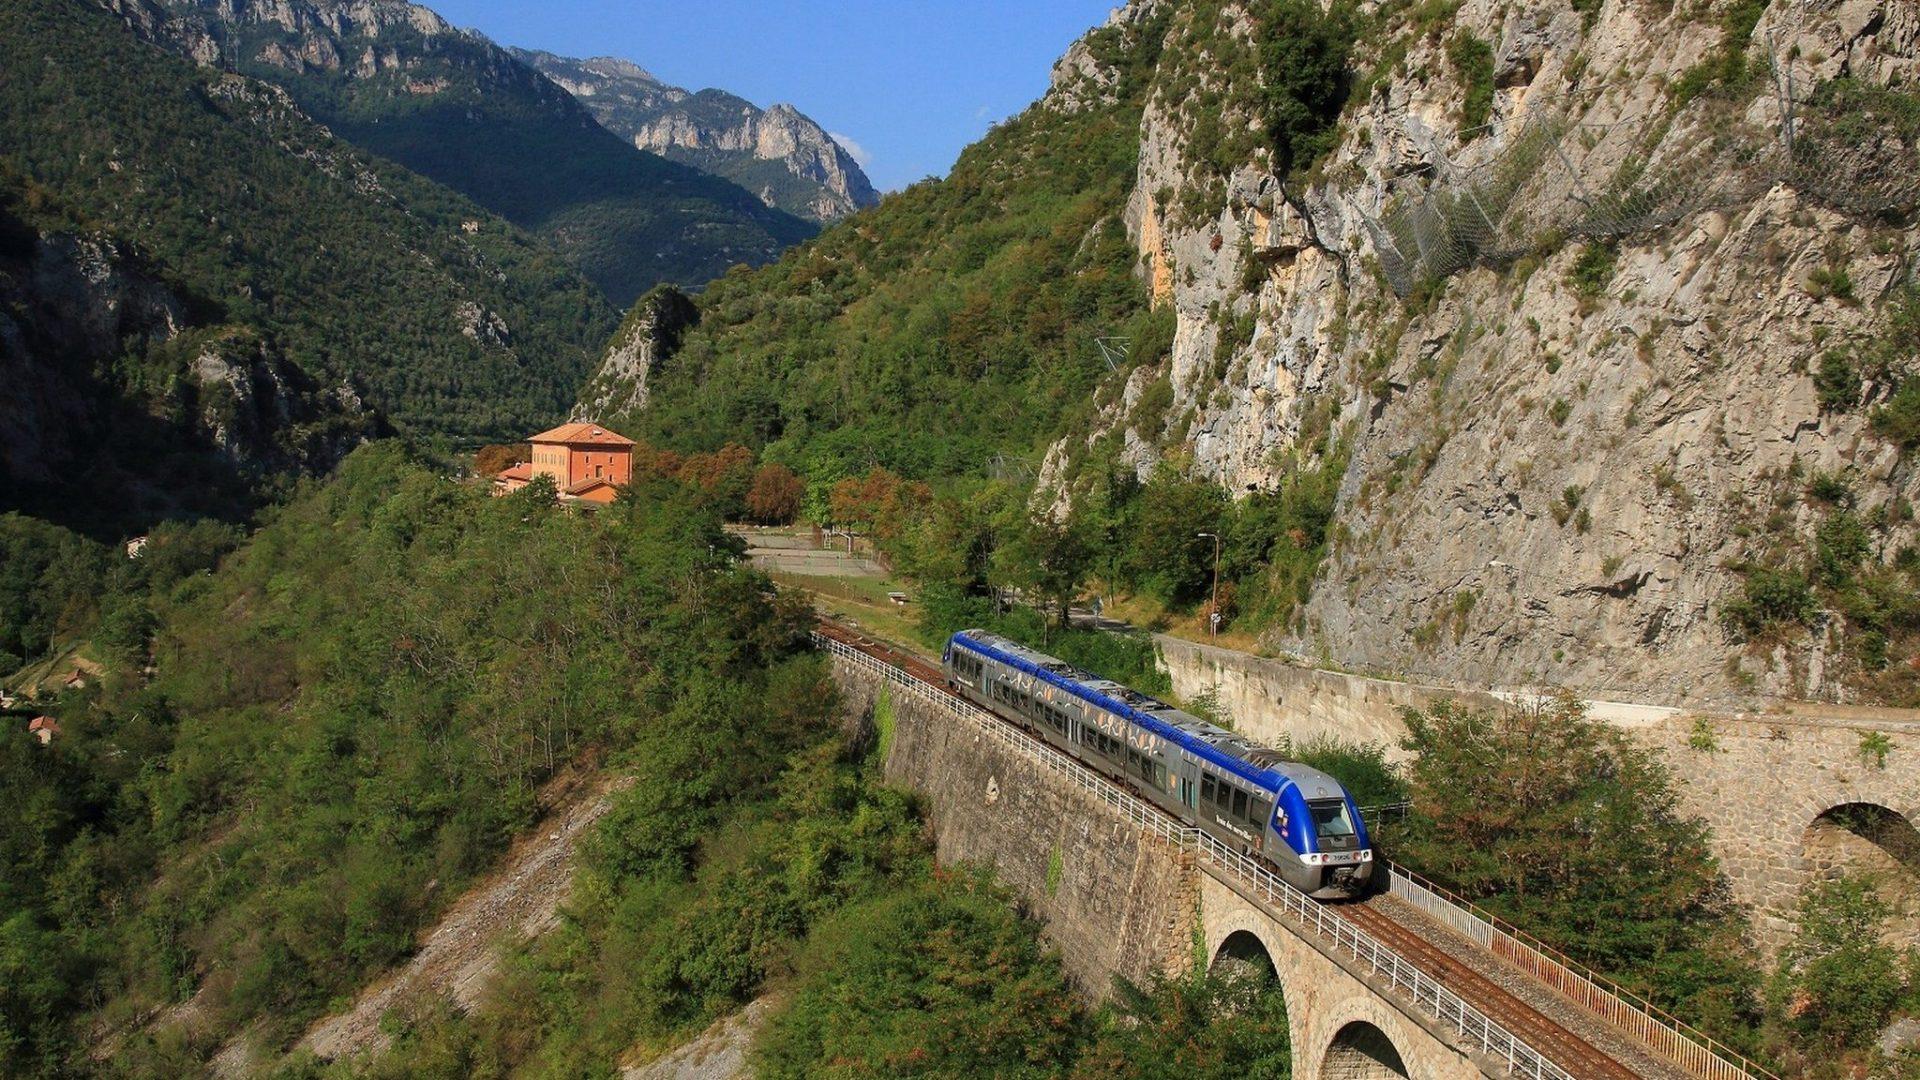 Ferrovia delle meraviglie Cuneo-Ventimiglia-Nizza